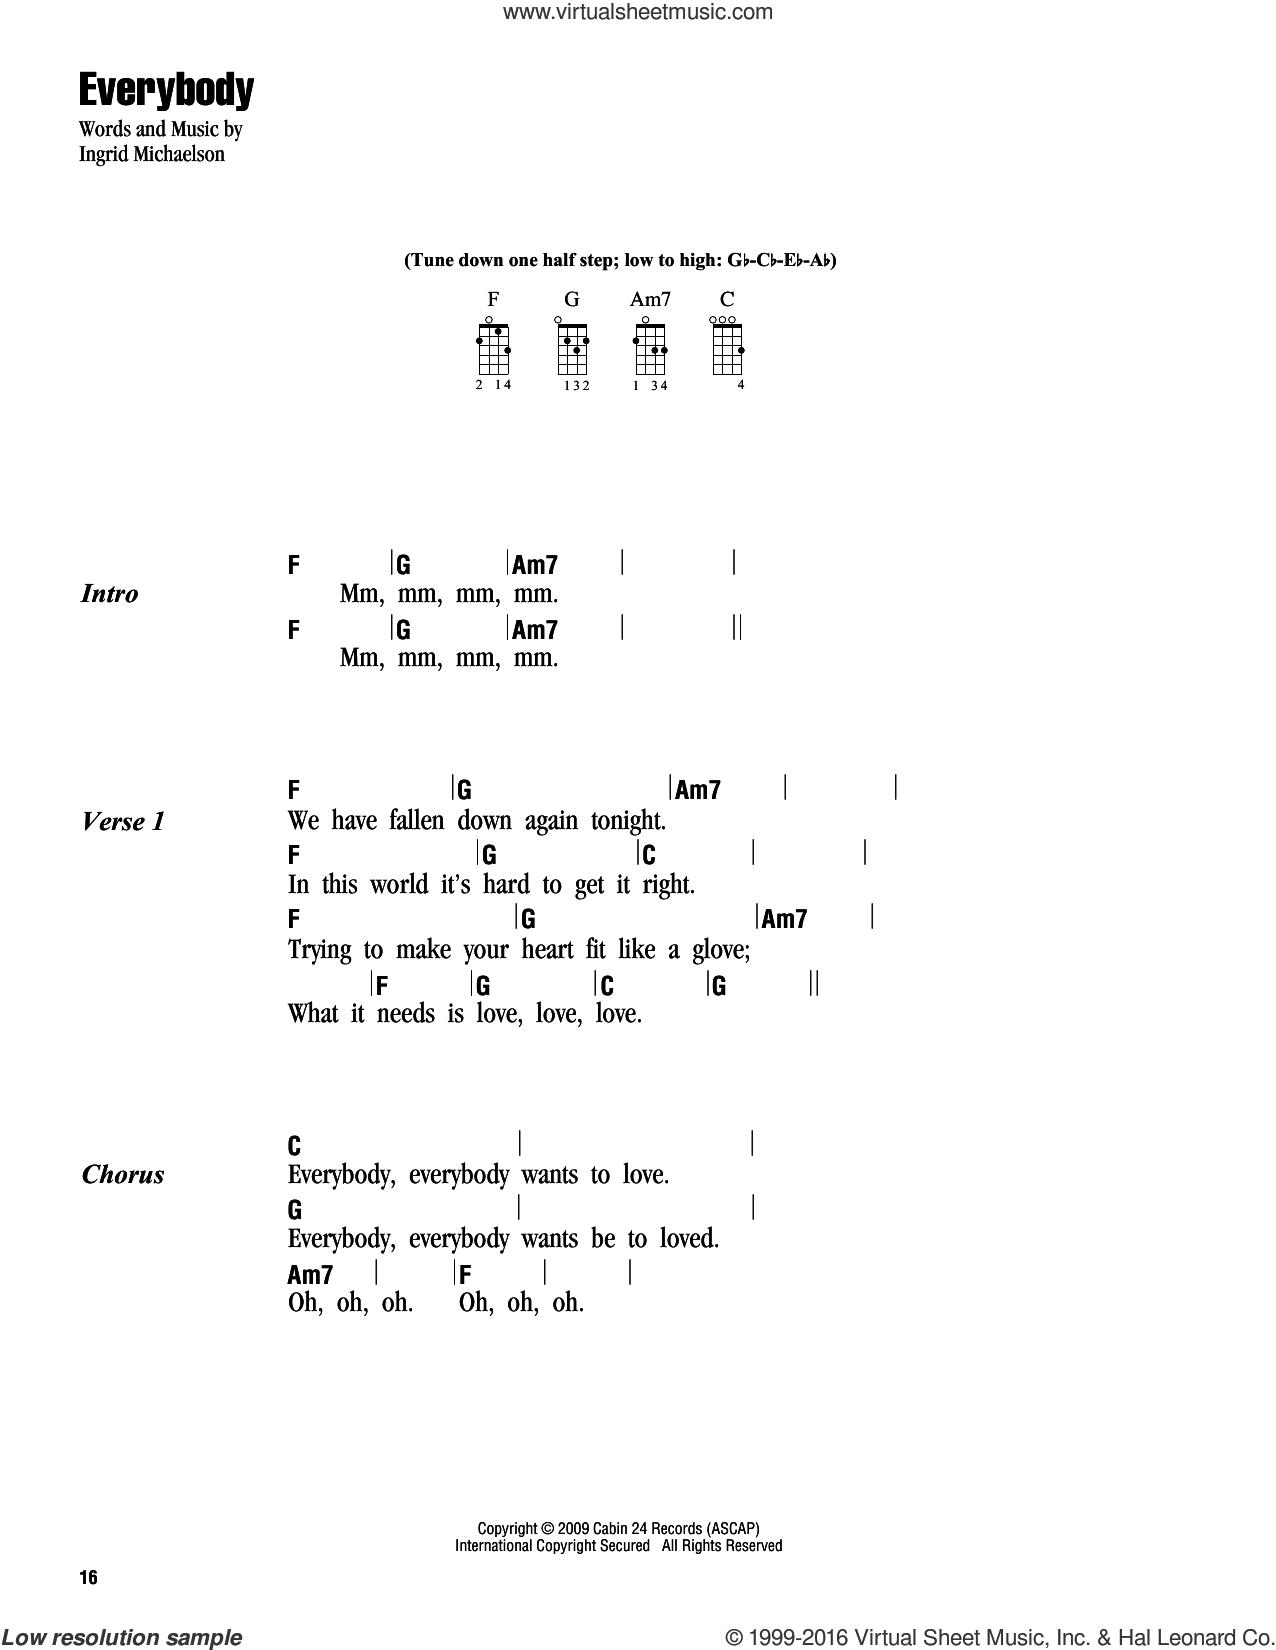 Michaelson - Everybody sheet music for ukulele (chords) [PDF]